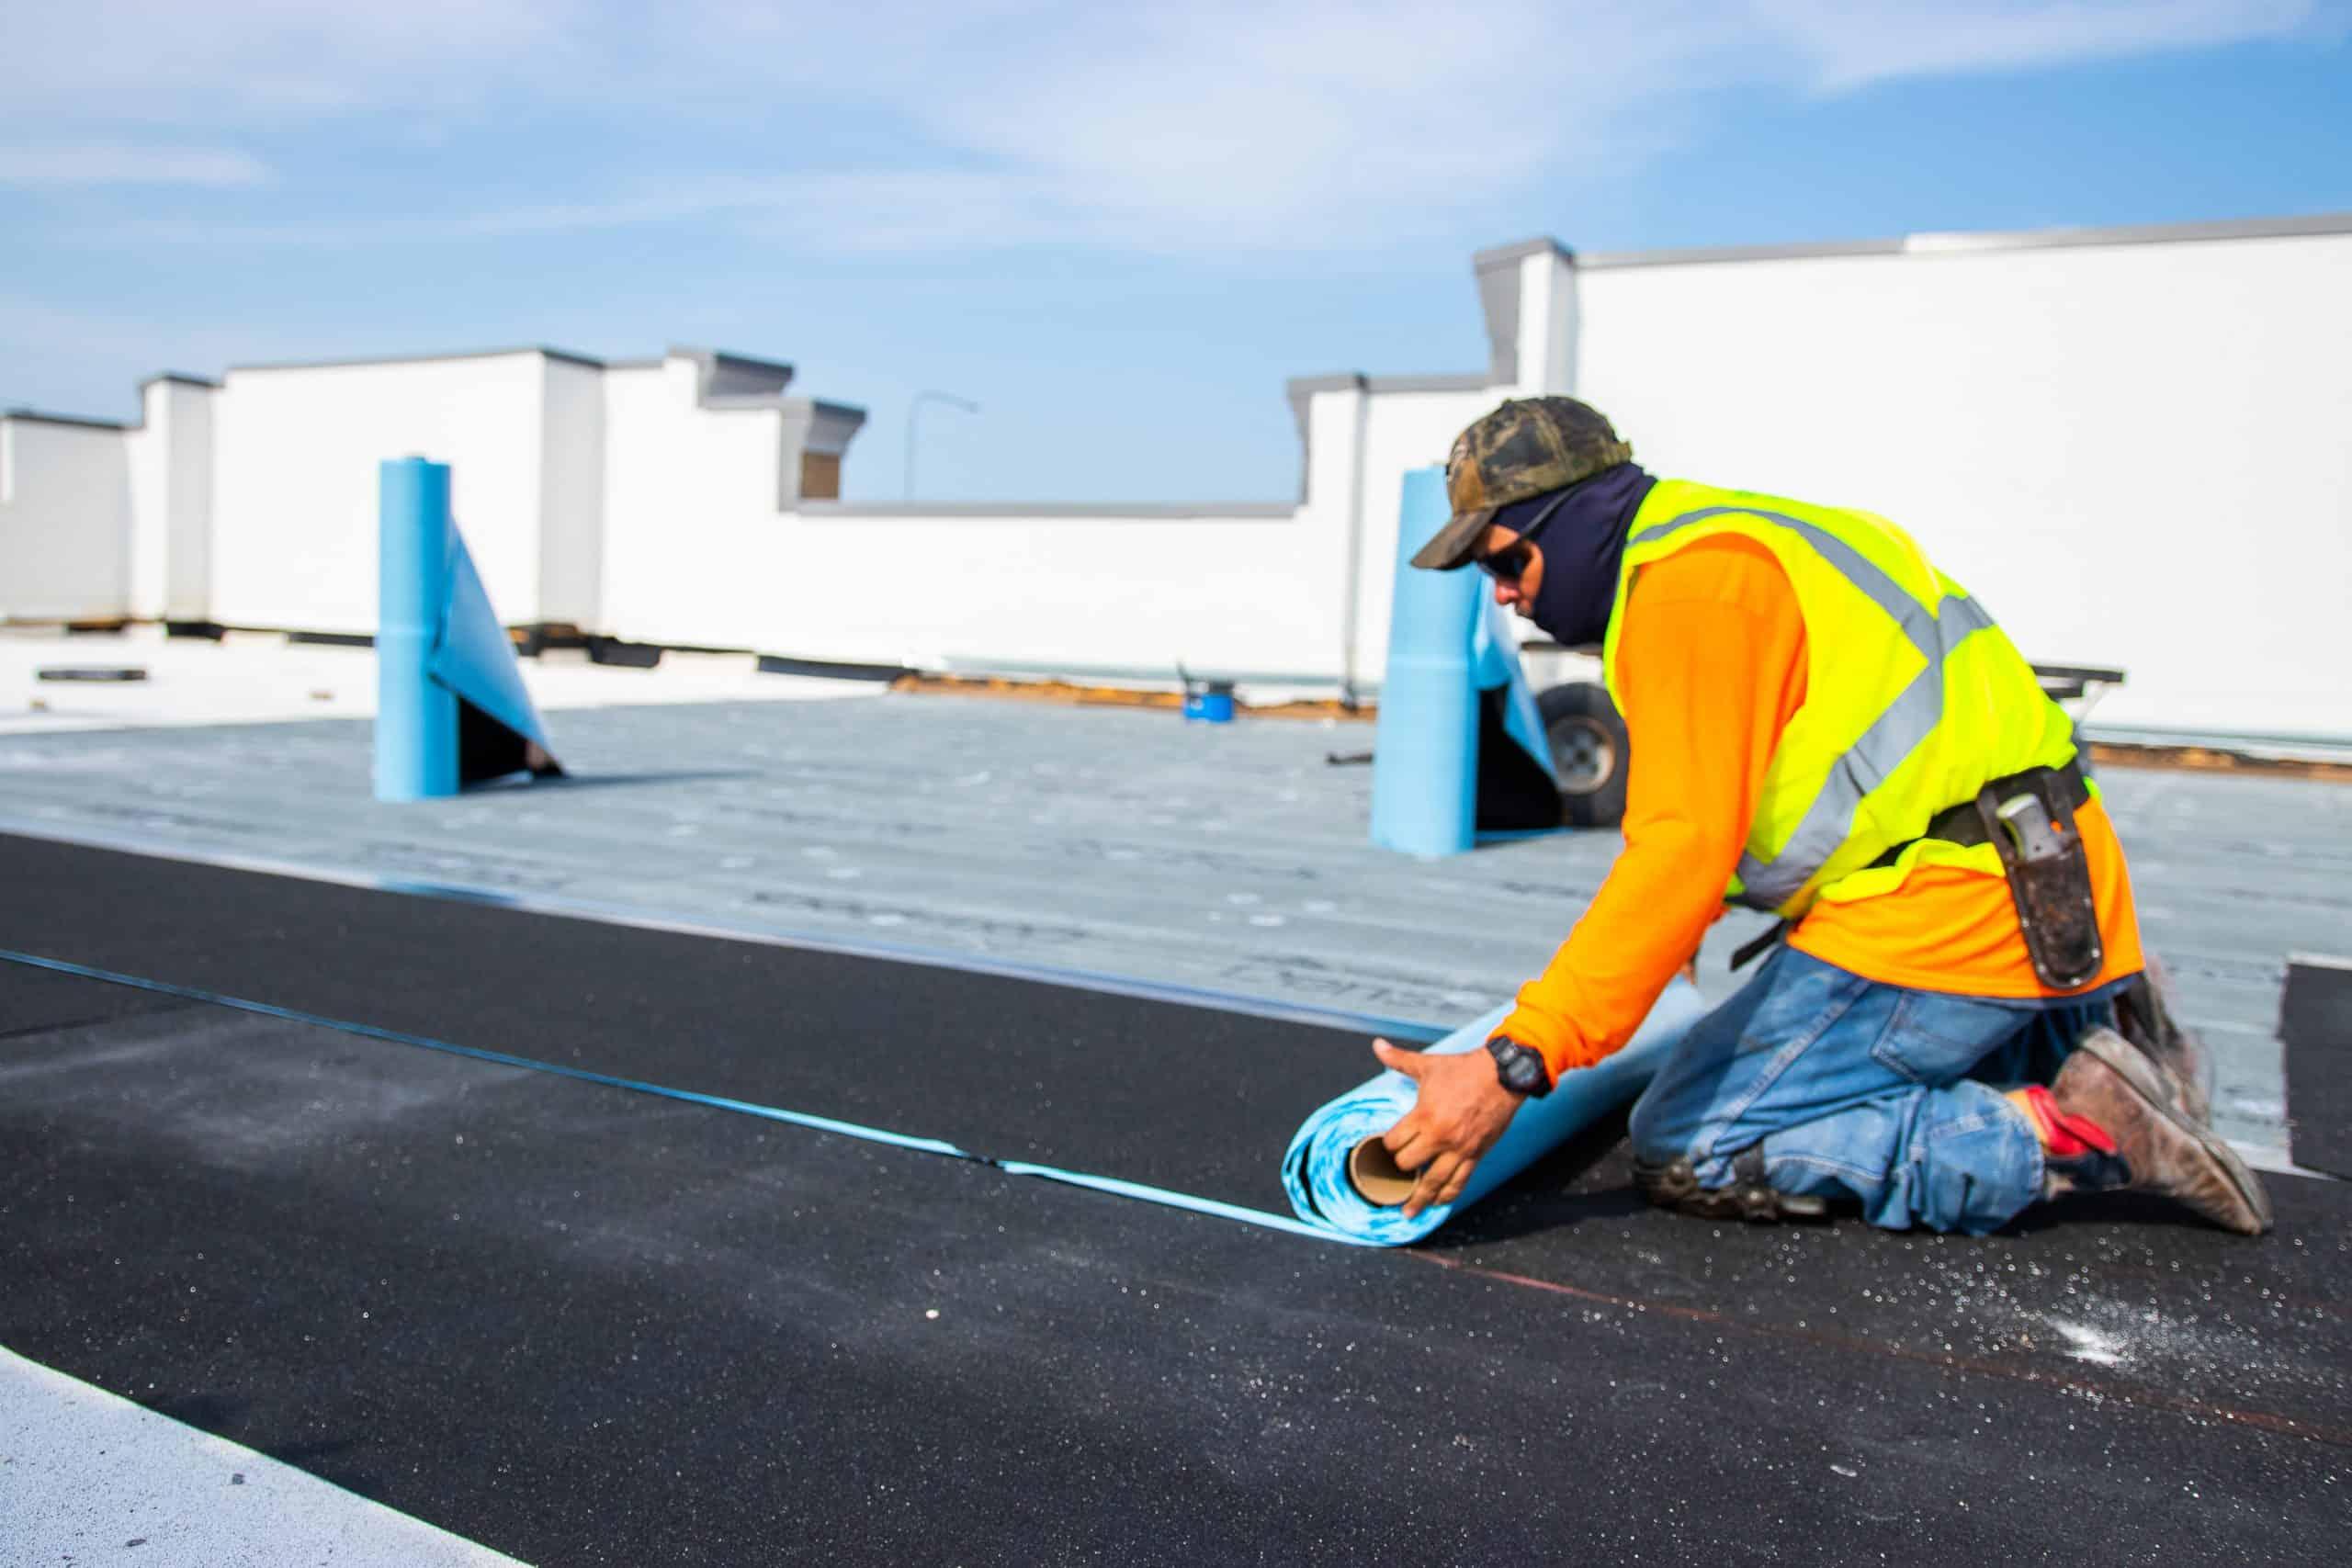 Flintlastic SA roofing being unrolled